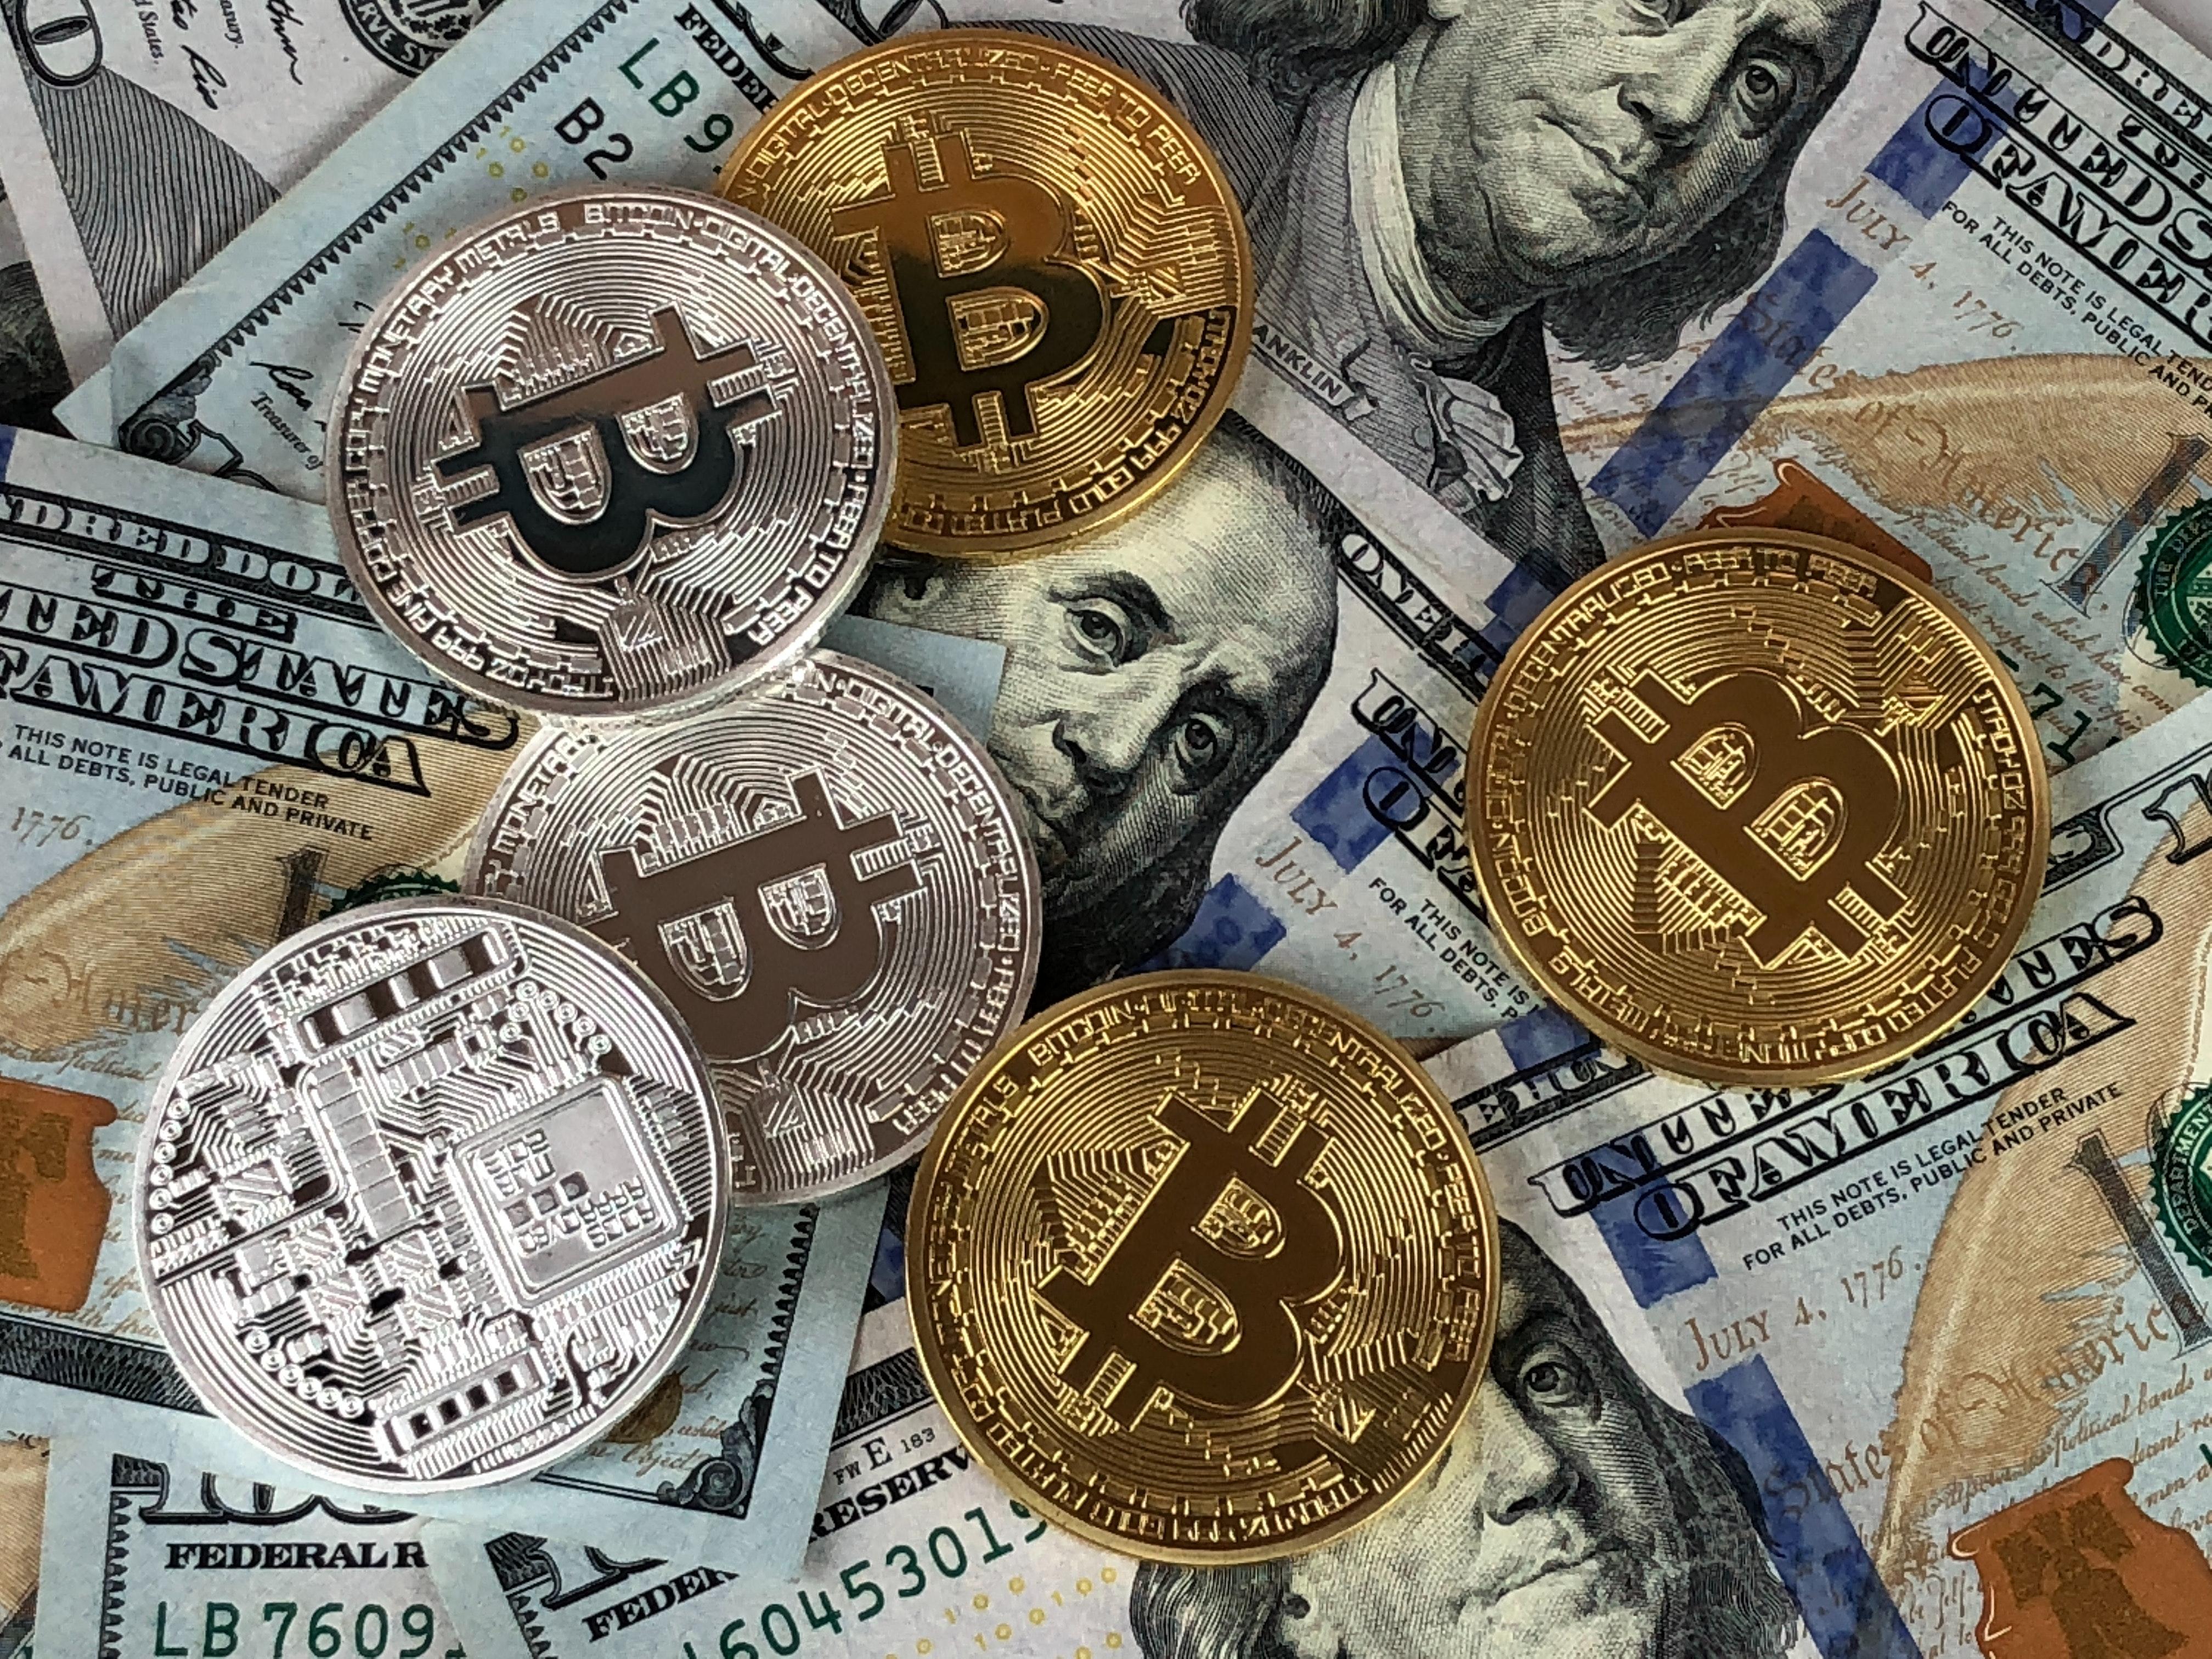 1×1 der Kryptowährungen – Gekommen um zu Bleiben oder doch nur ein Hype? 28.06.2018